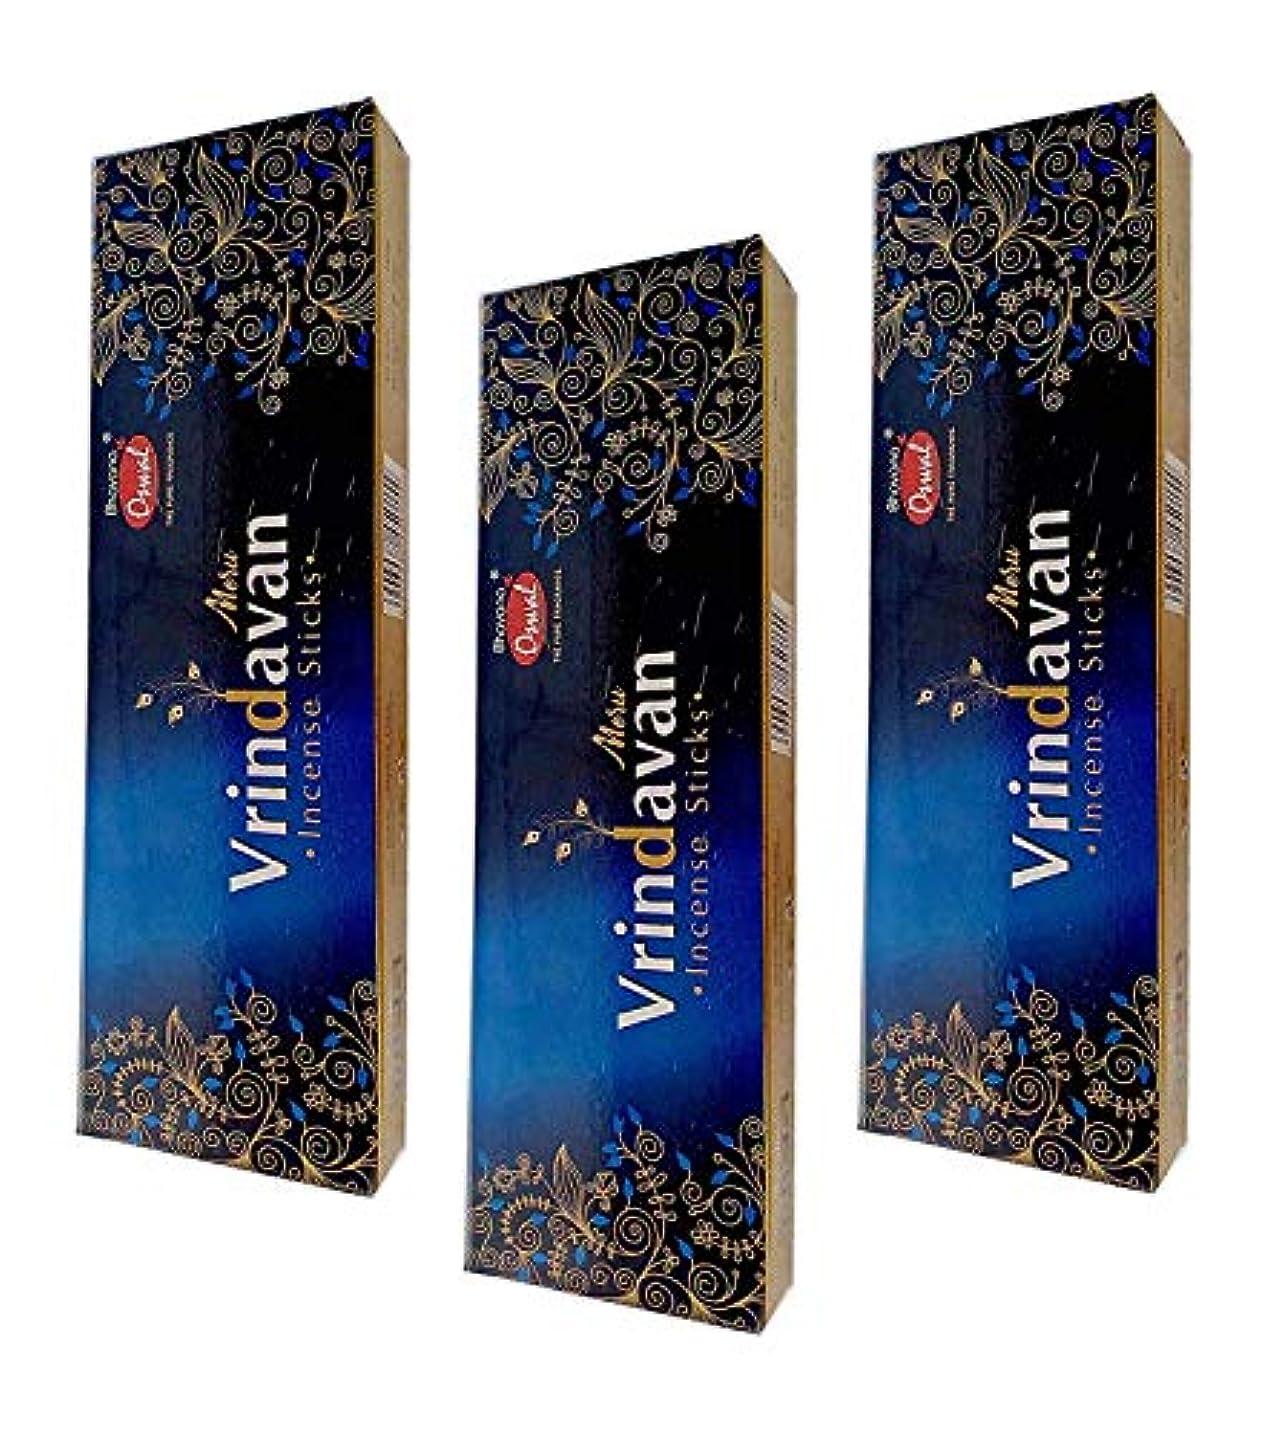 ロゴ猟犬進化するOSWAL VRINDAVAN Incense Sticks Combo Pack of 3 (100 GM Each)